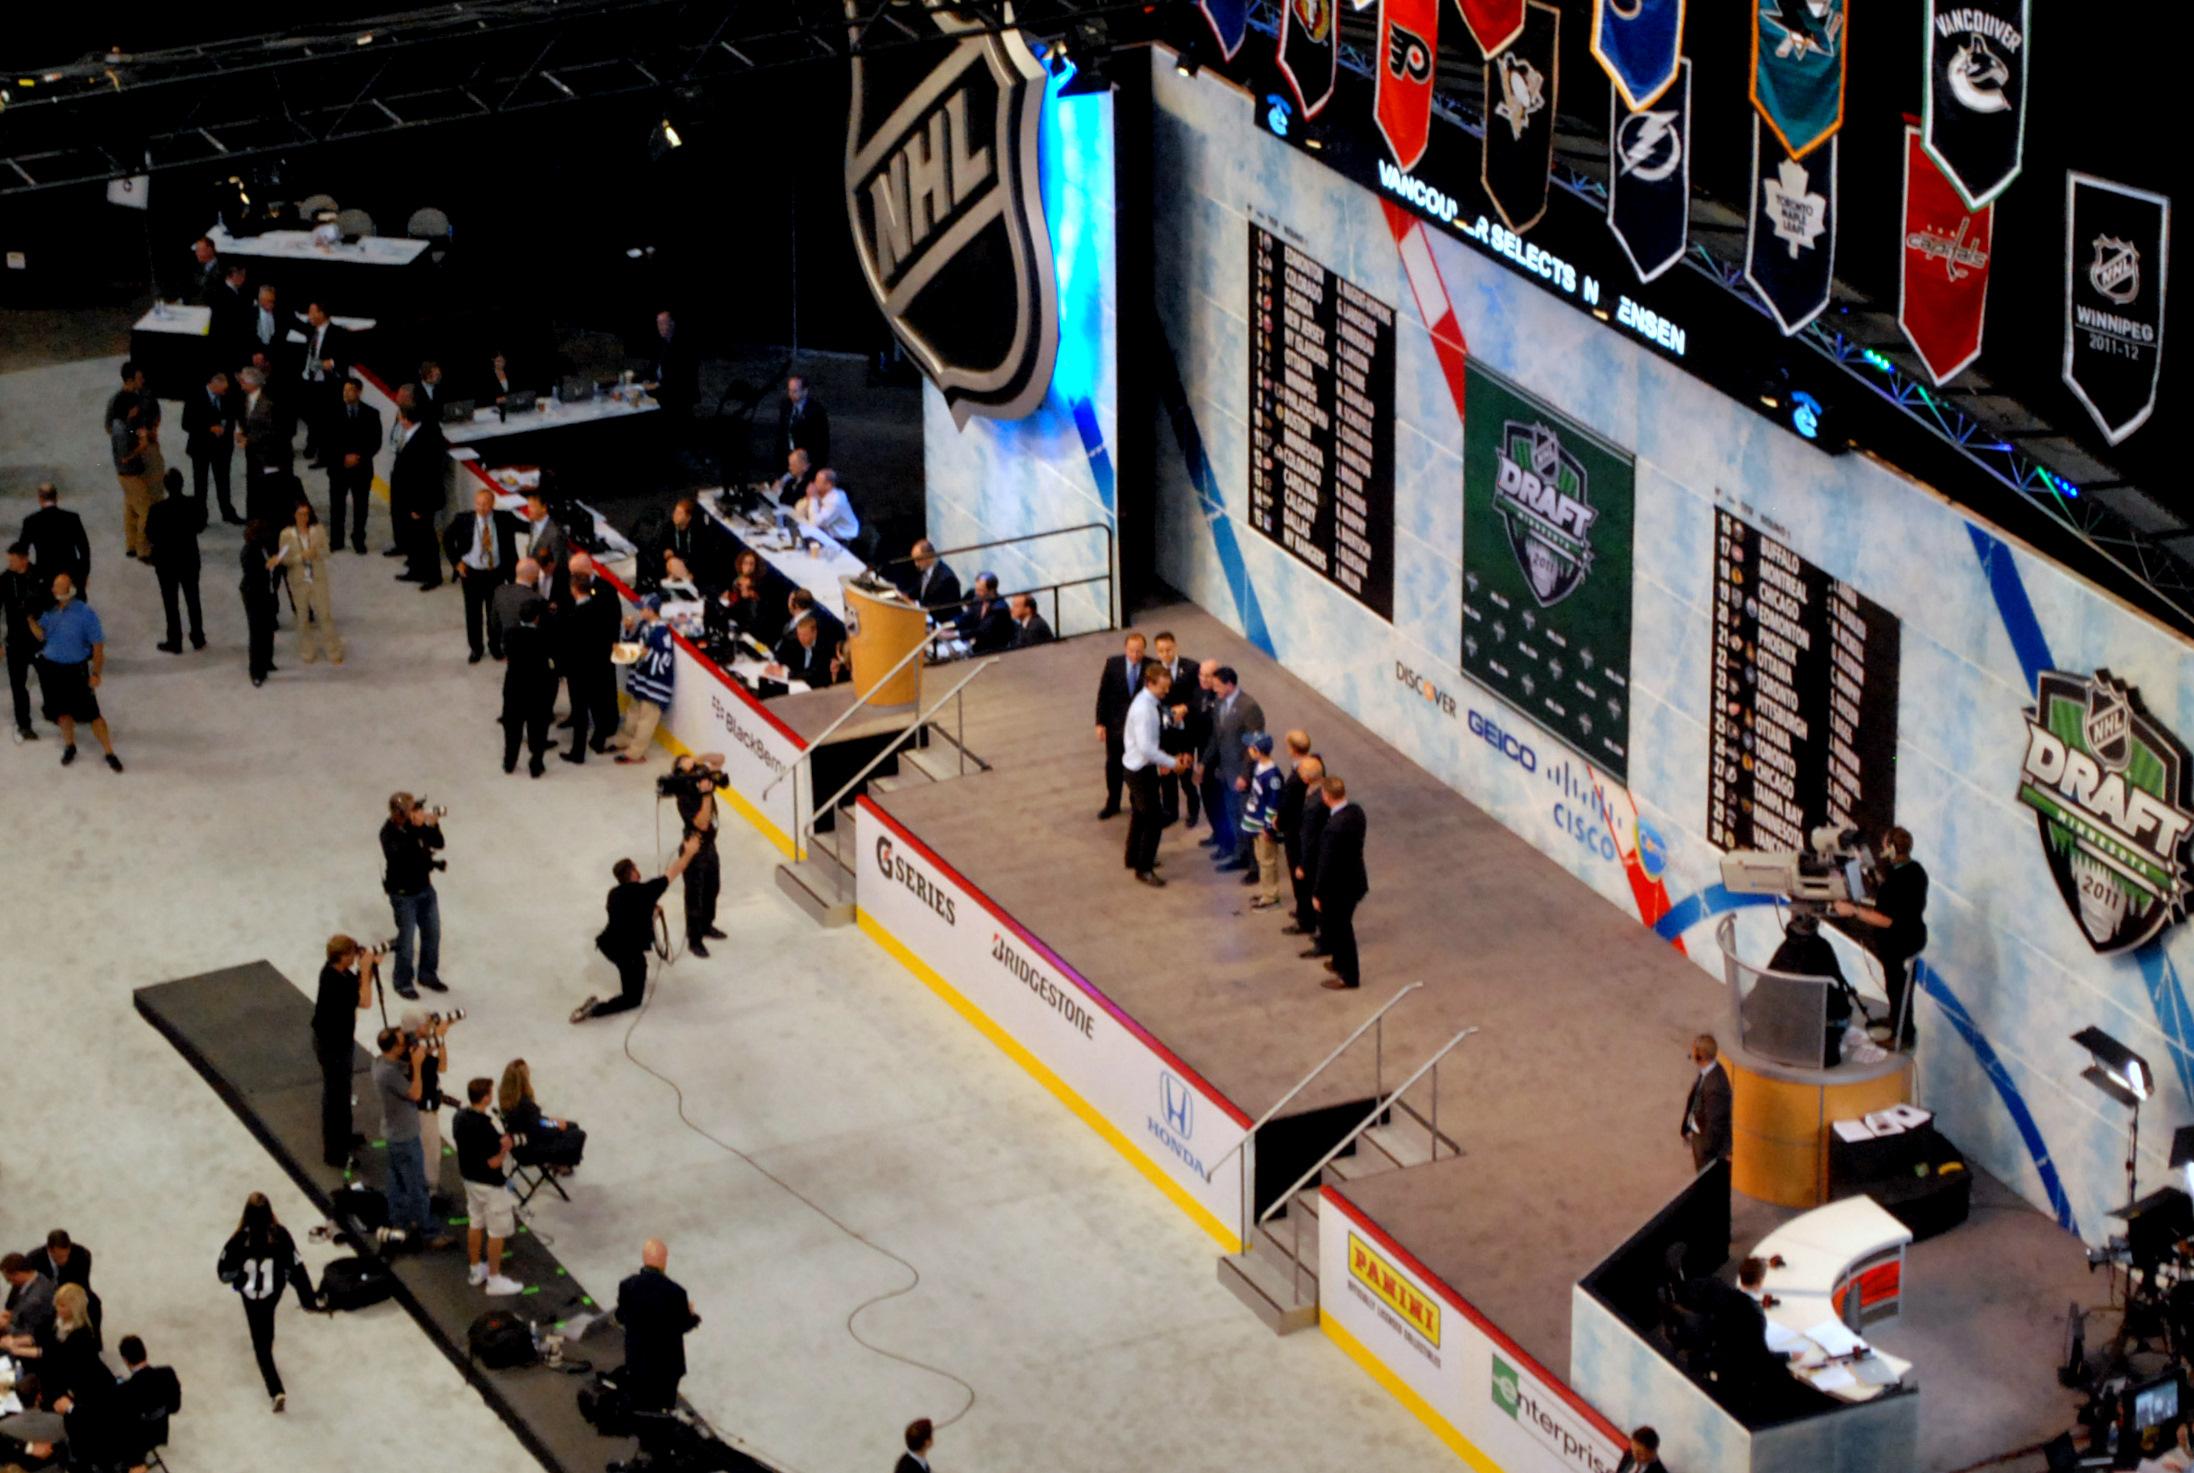 2011-12 Vancouver Canucks season